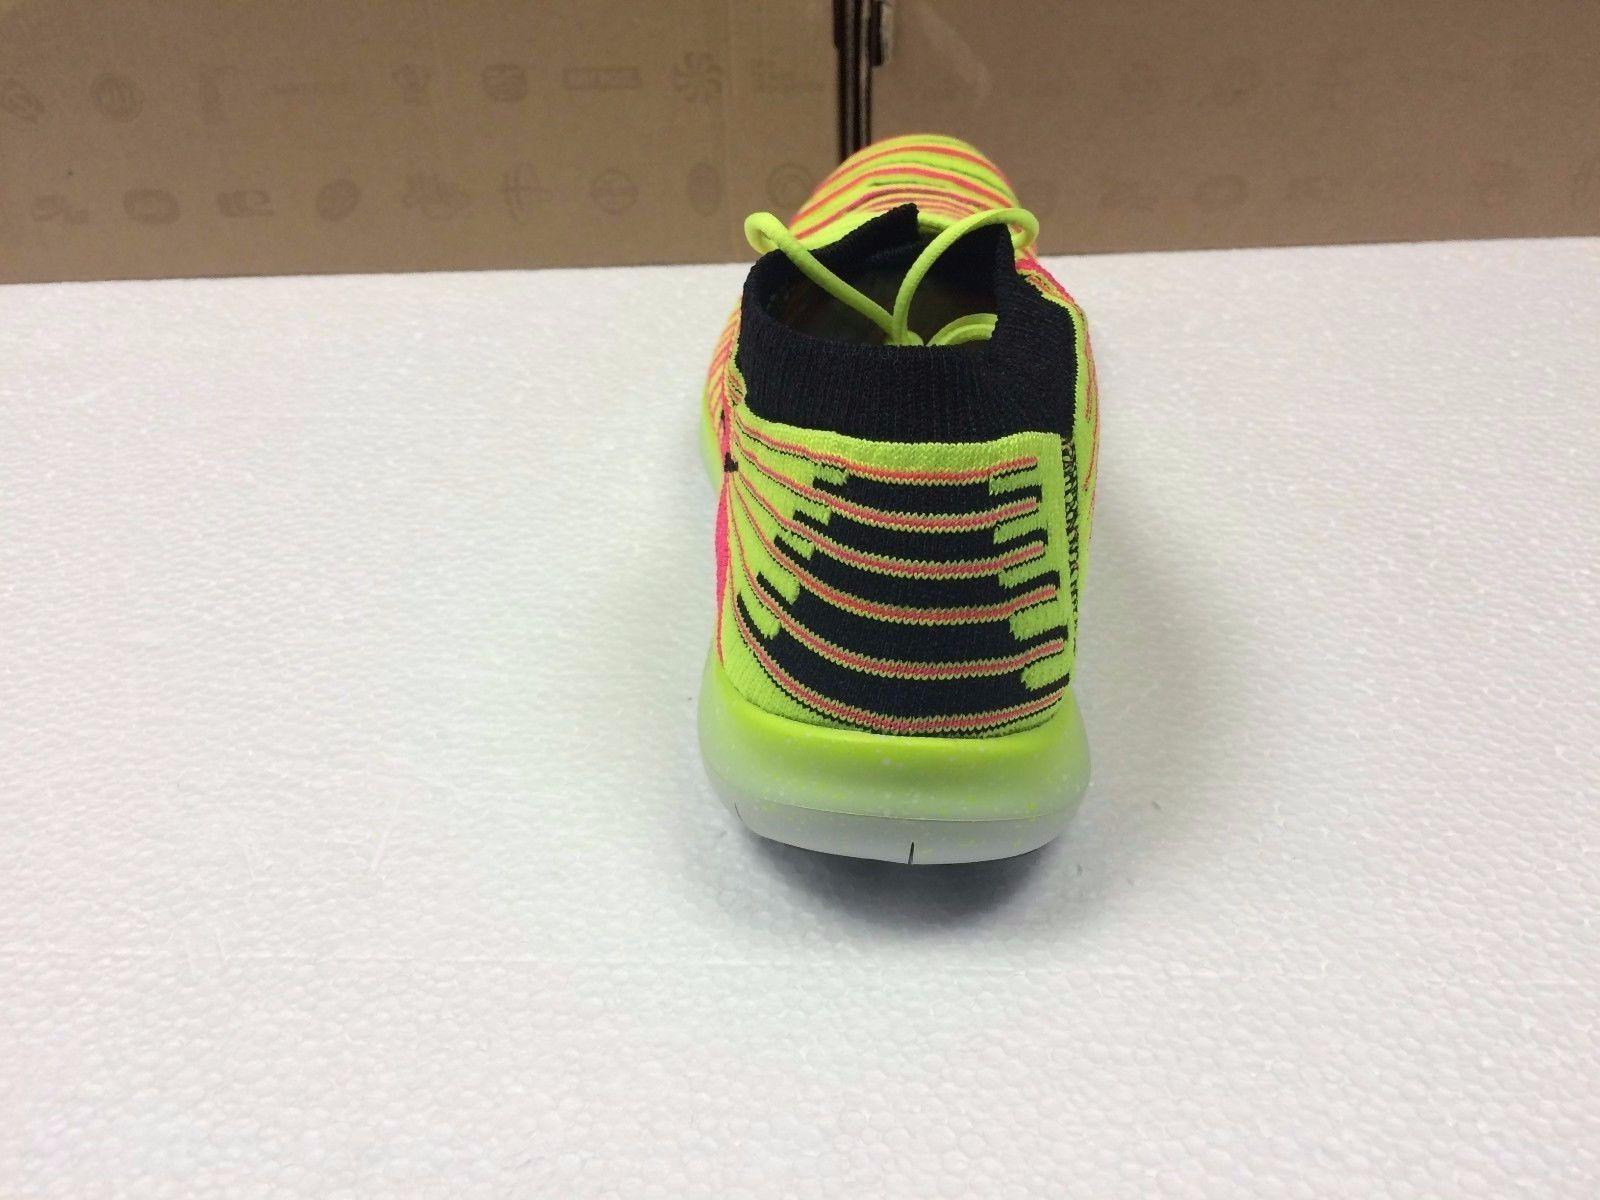 Nuova donna libera rn proposta proposta rn fk o scarpe nike 843434 999-multiple confezioni 551bbc